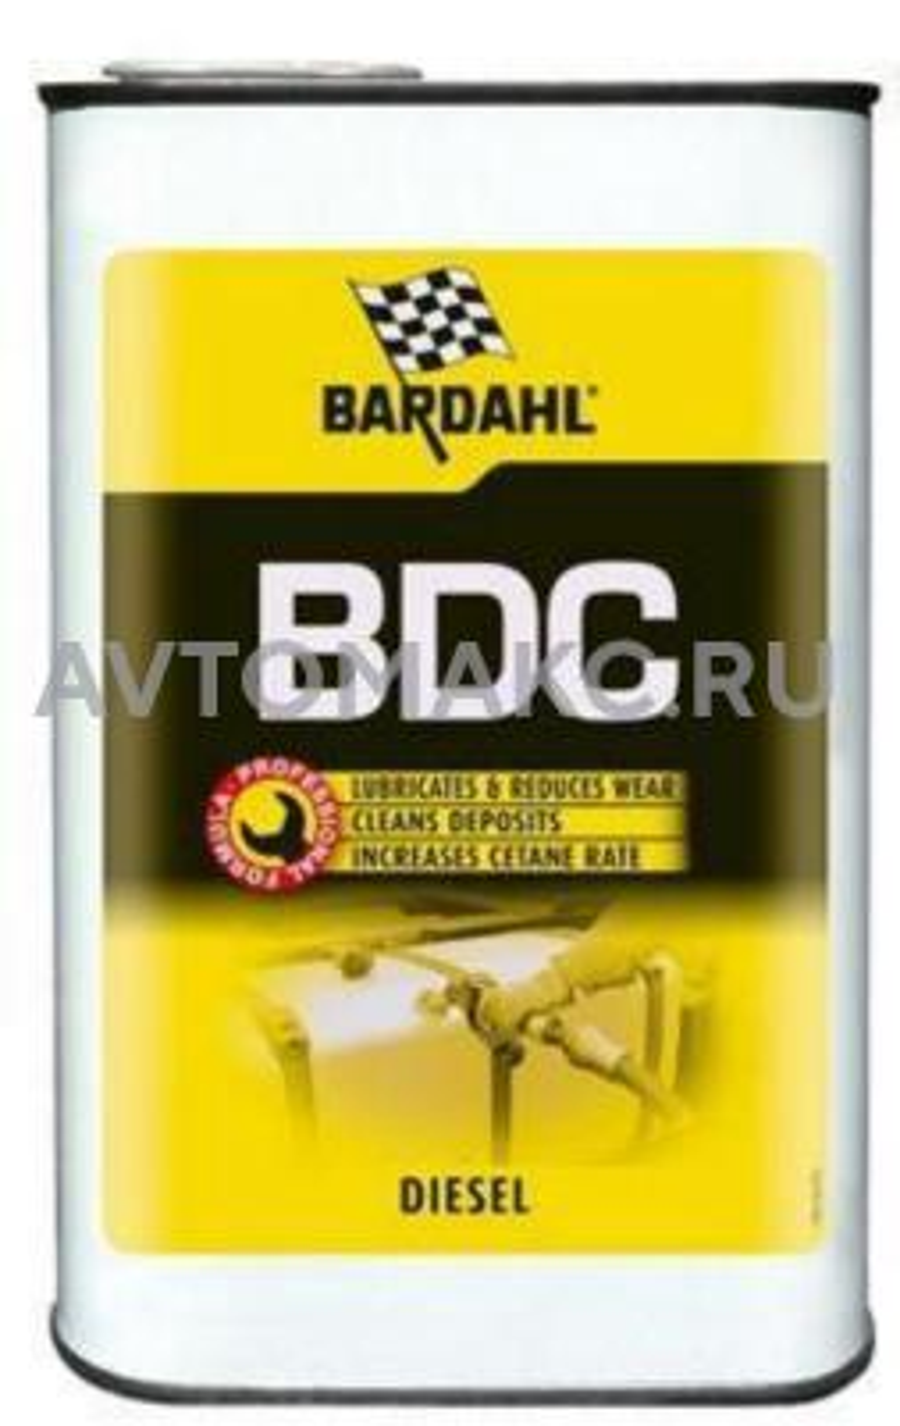 Восстанавливающая и очищающая добавка в дизельное топливо Bardahl Diesel Combustion (Bdc) 1л (1200)